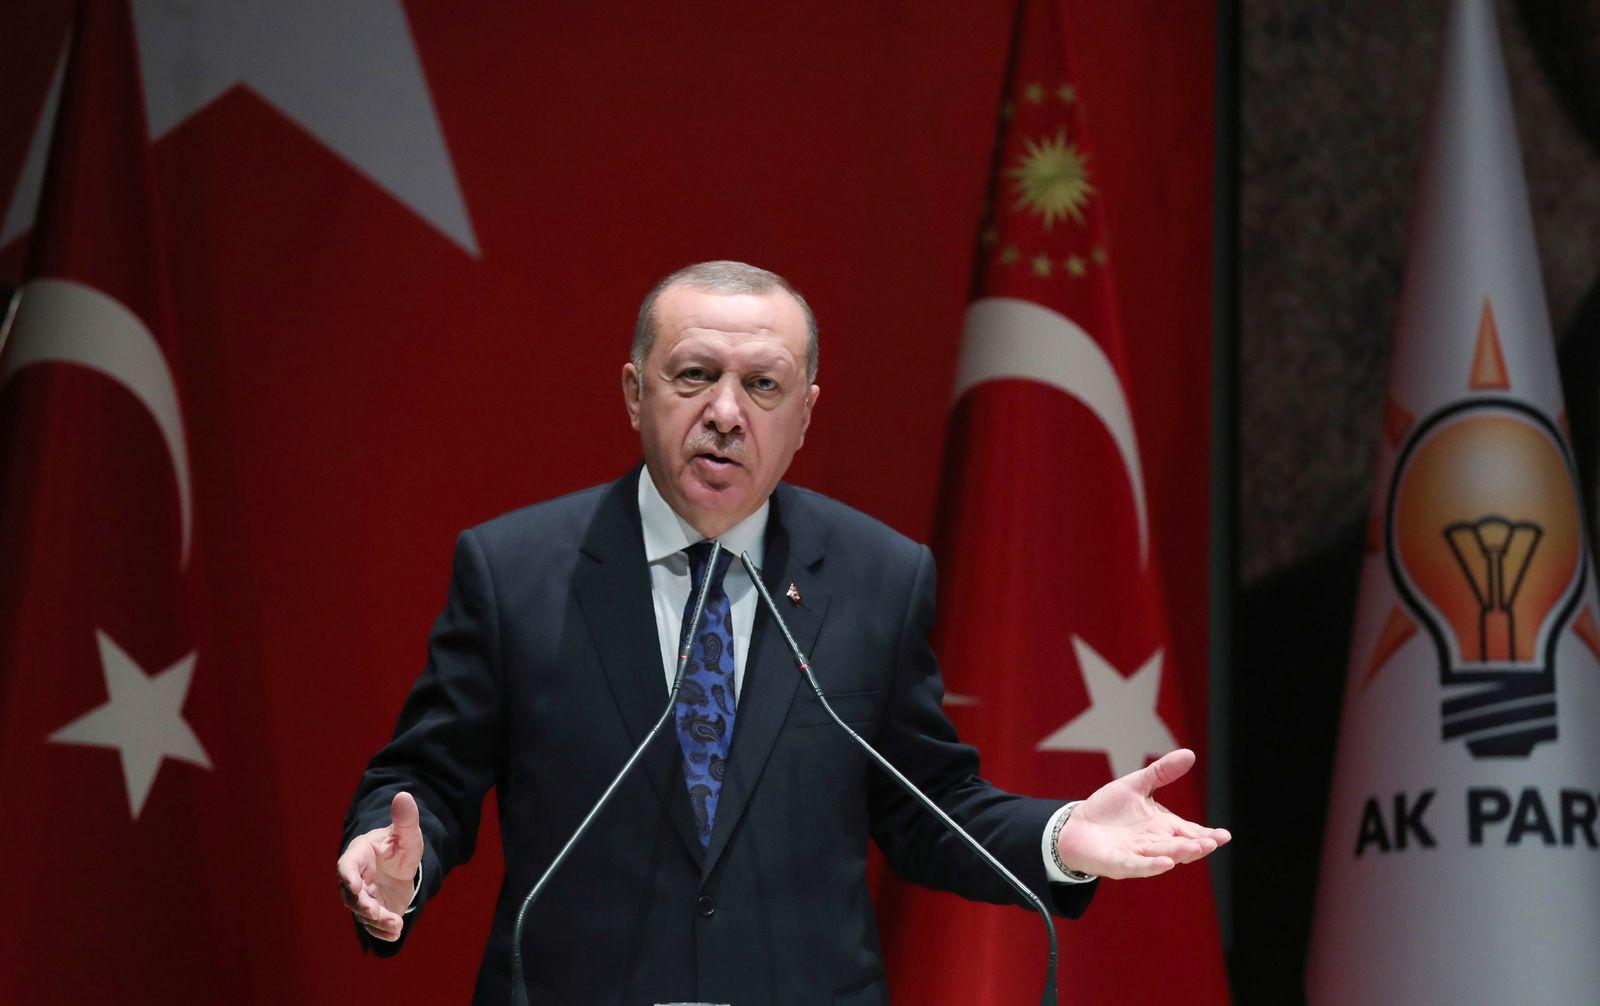 AKP-Parteitreffen in der Türkei